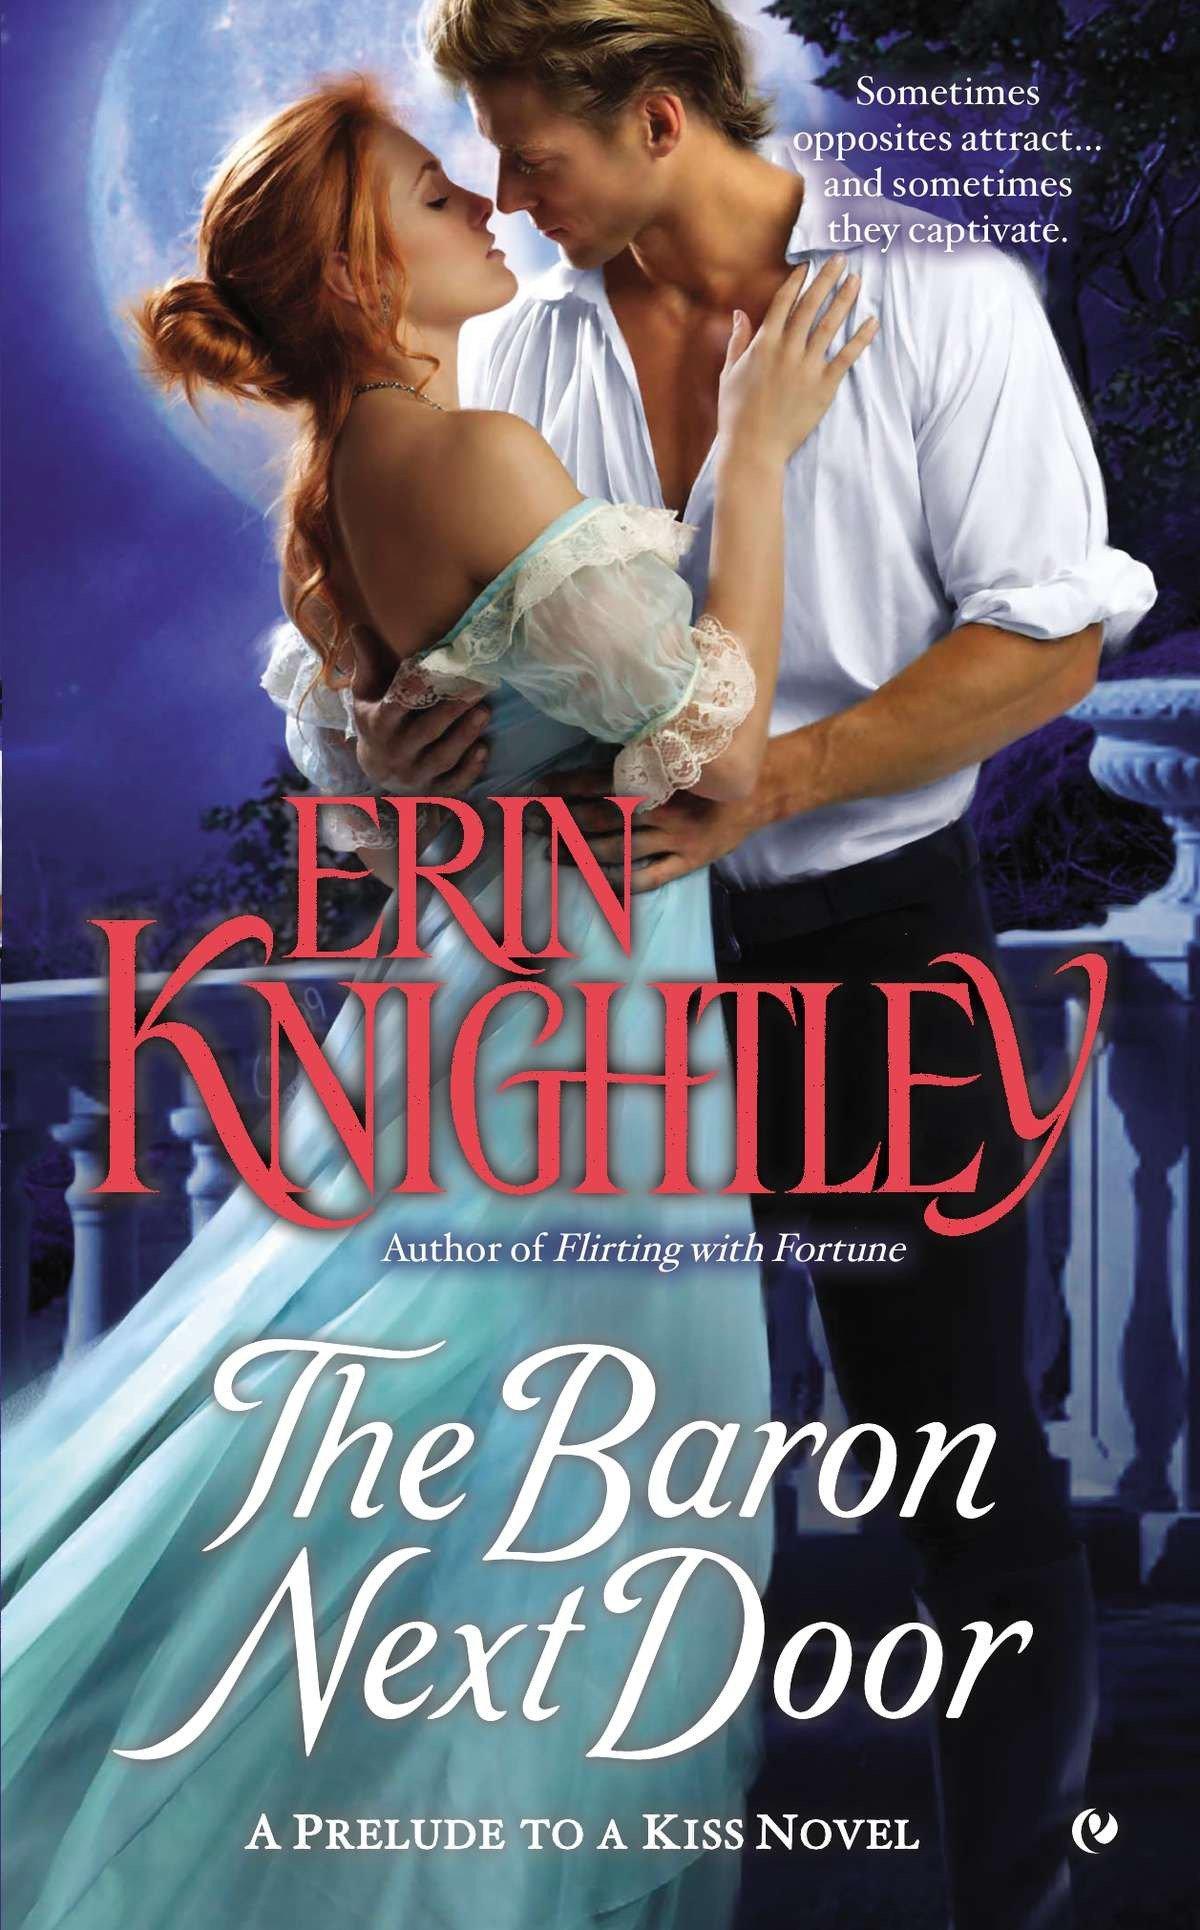 The Baron Next Door (A Prelude to a Kiss Novel) PDF